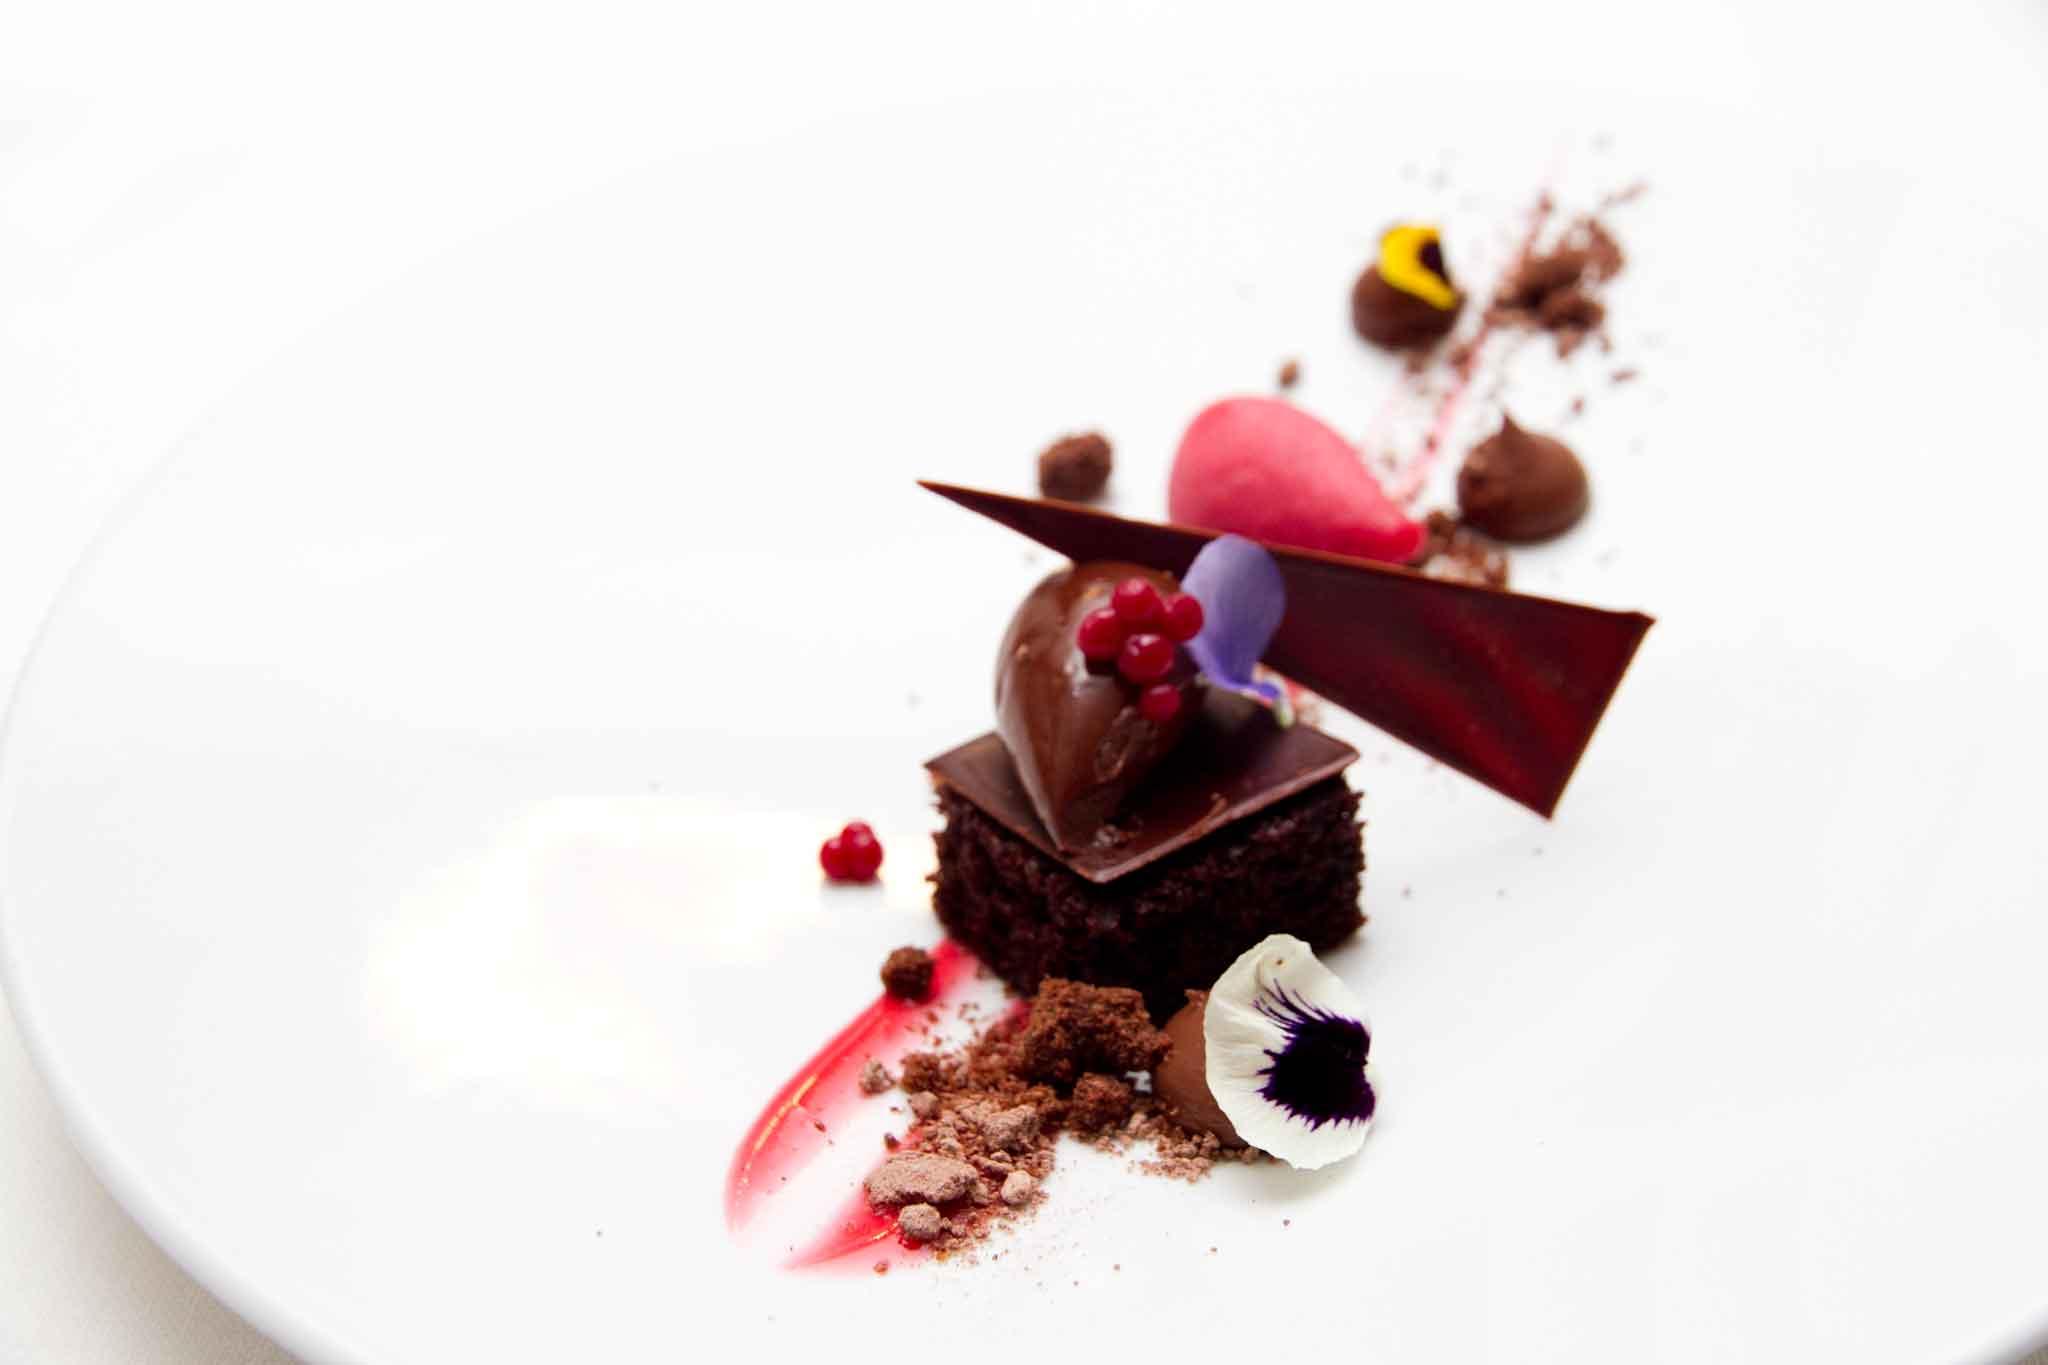 torre-del-saracino-menu-25-anni-cioccolato-e-lamponi